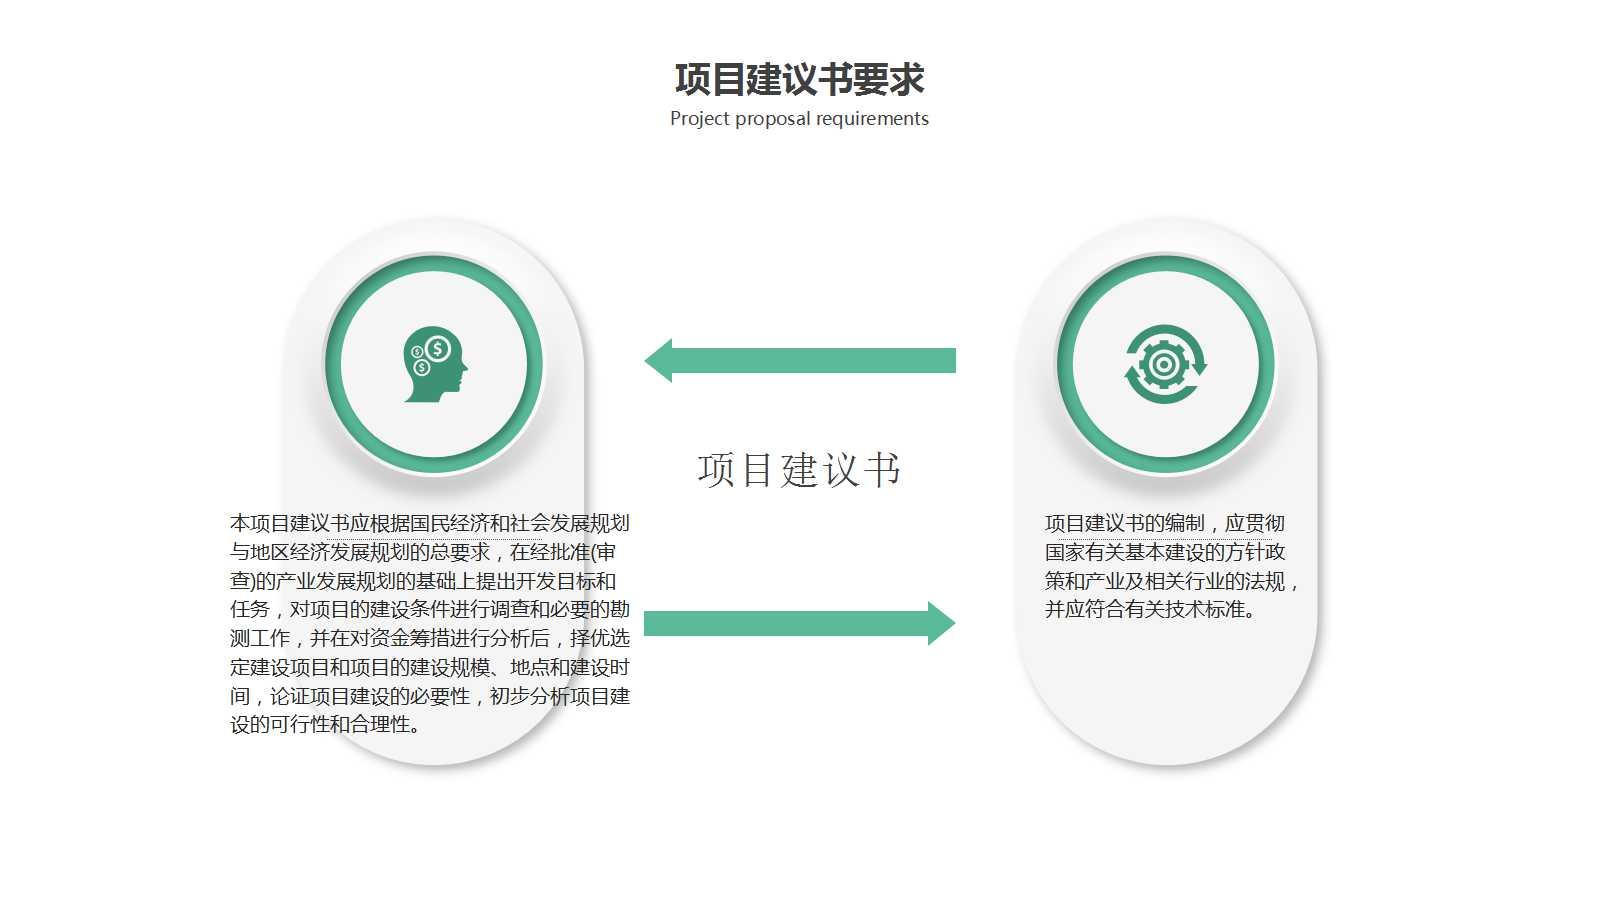 聊城东昌府修建性详细规划设计优质单位